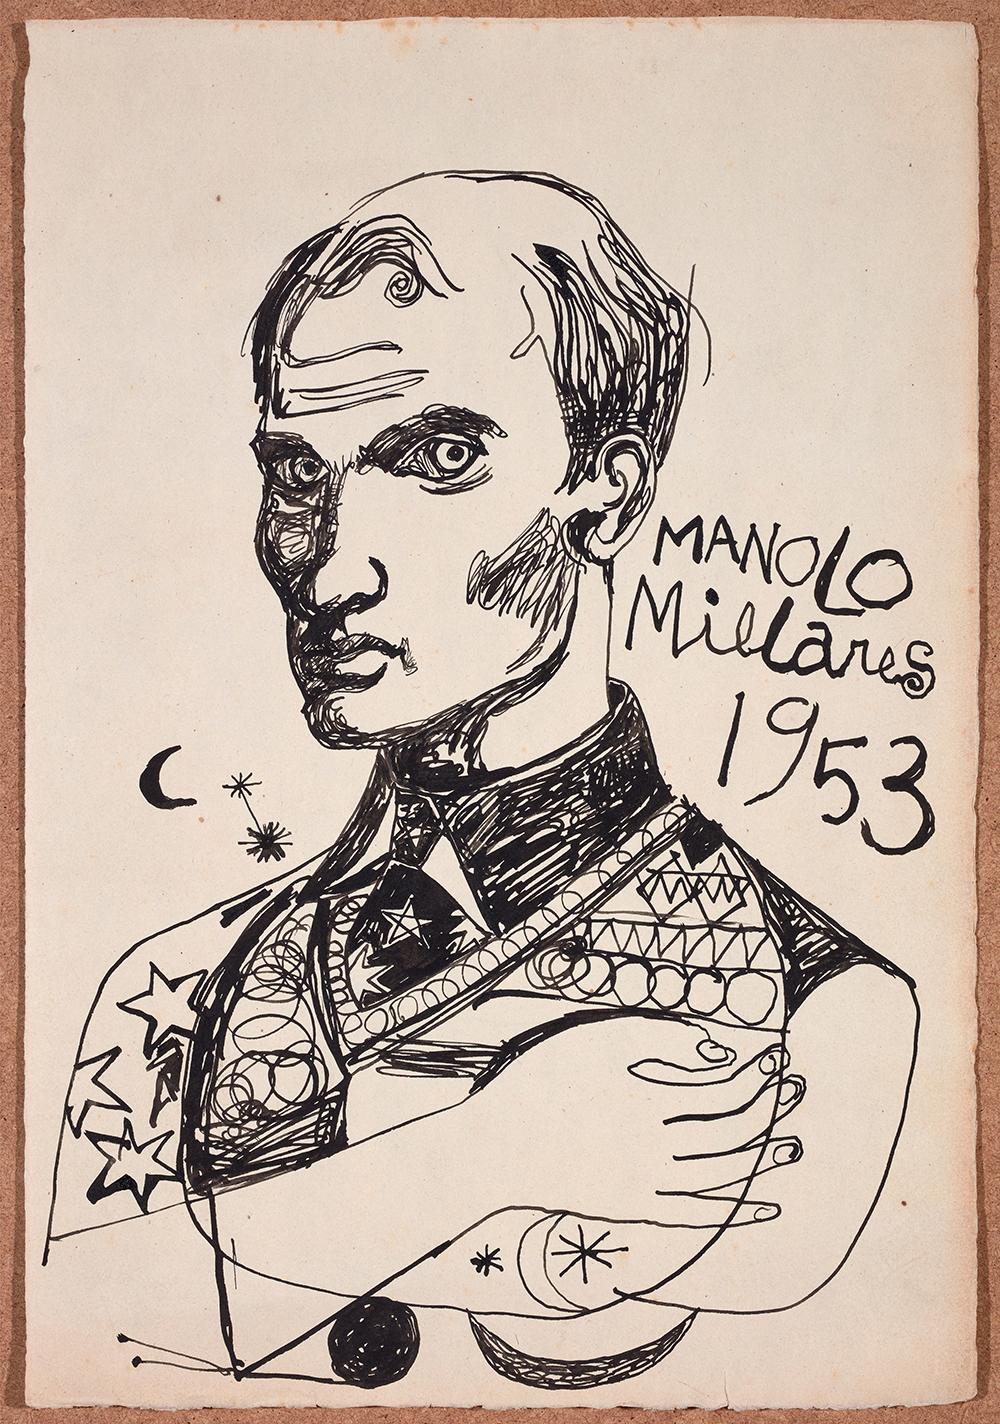 millares-autorretrato1953-millares